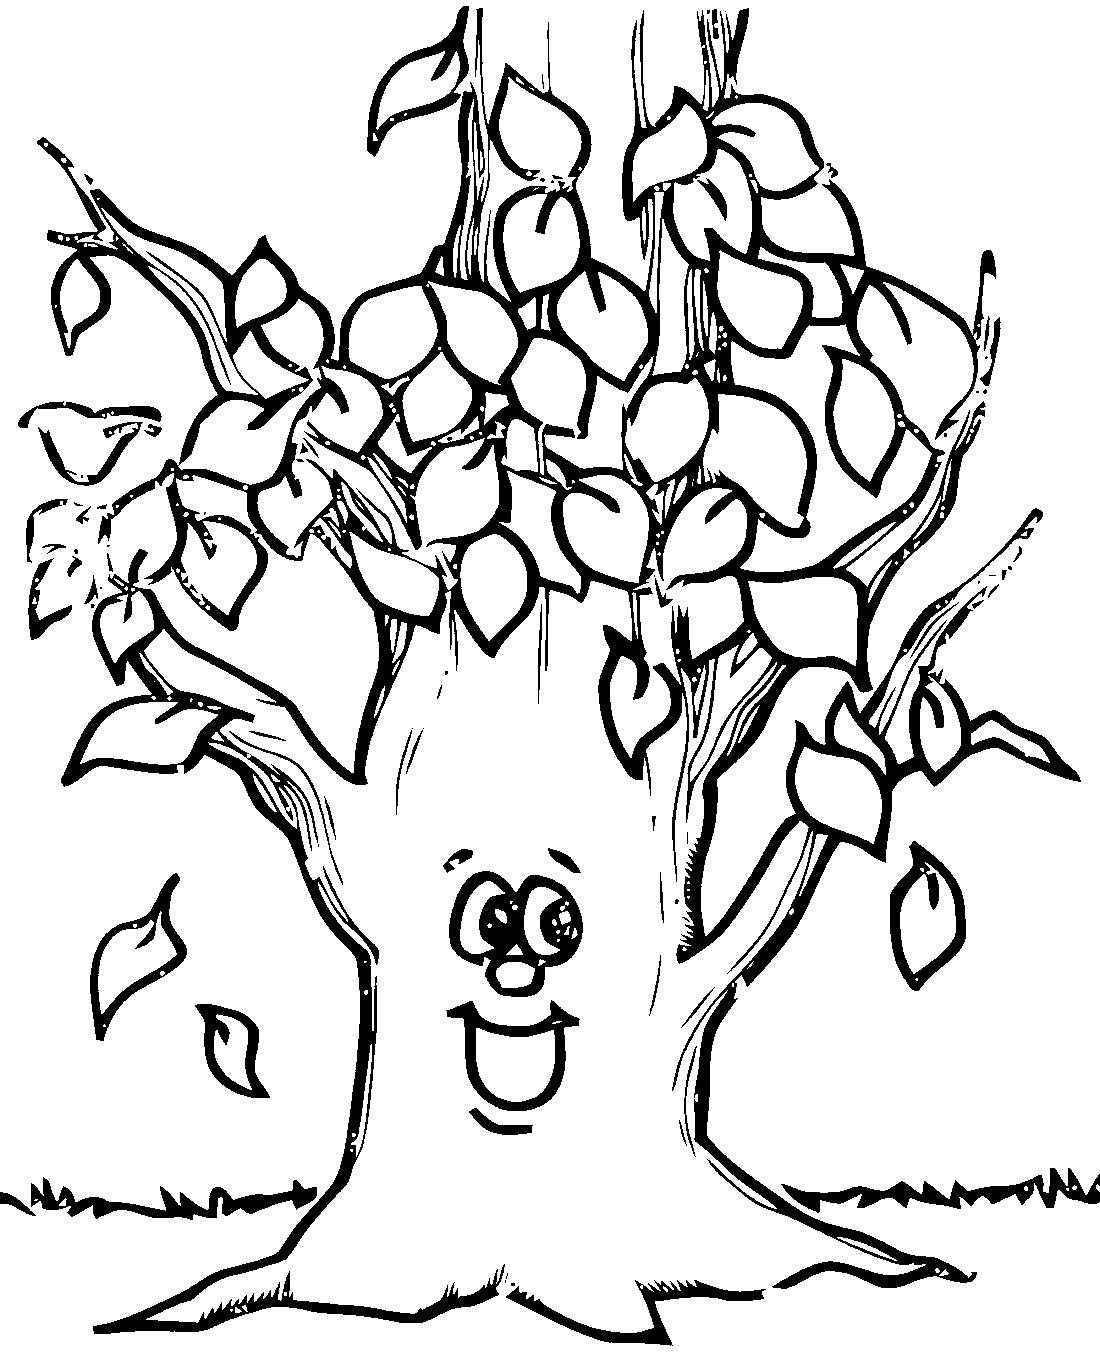 Деревце с листочками - раскраска №12308   Printonic.ru